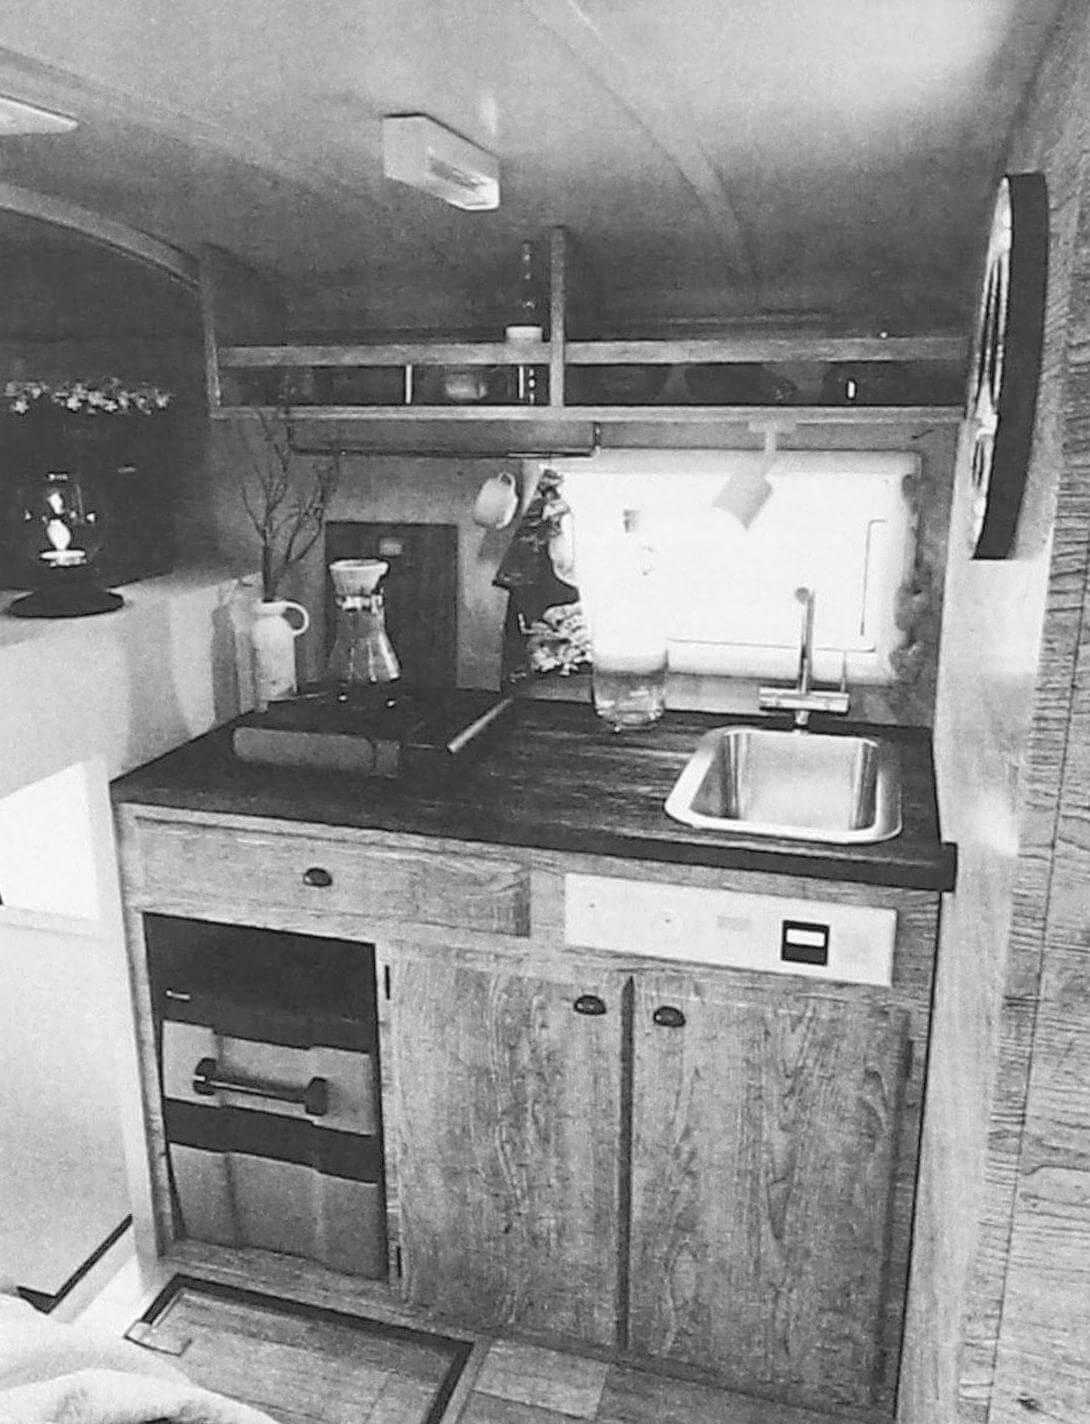 Кухонный блок компактен, газовую плиту и холодильник в хорошую погоду можно вынести наружу